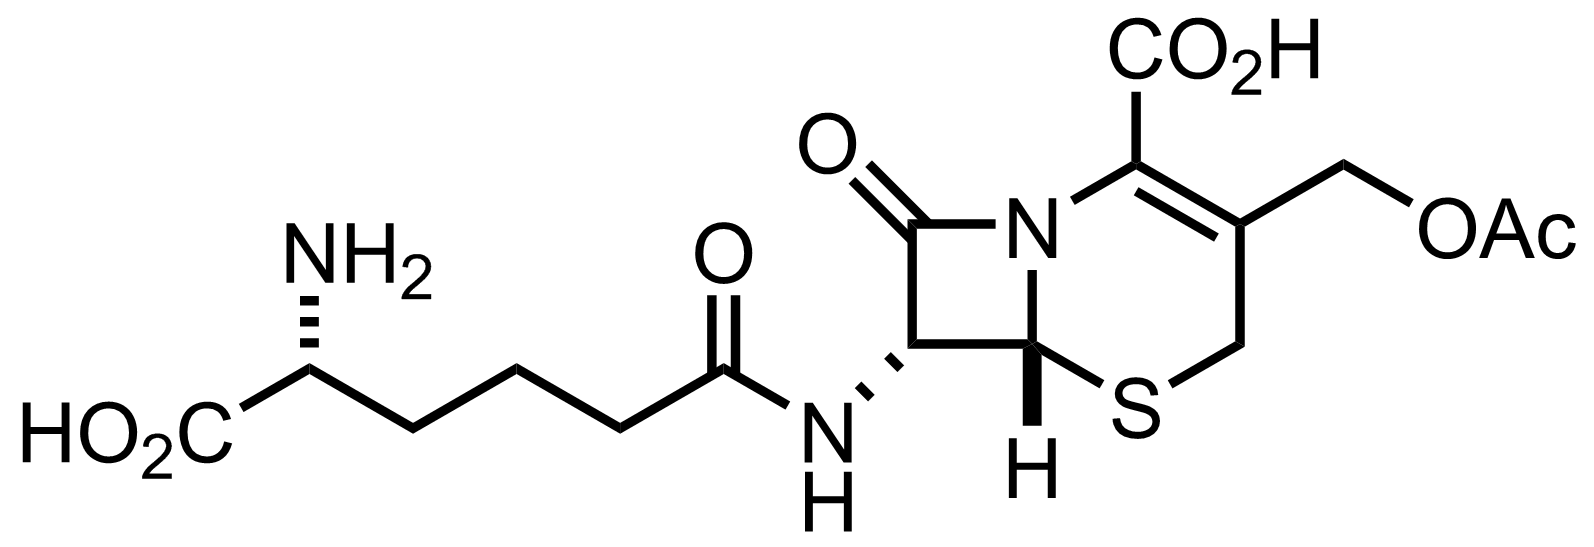 Cephalosporin C1 structure